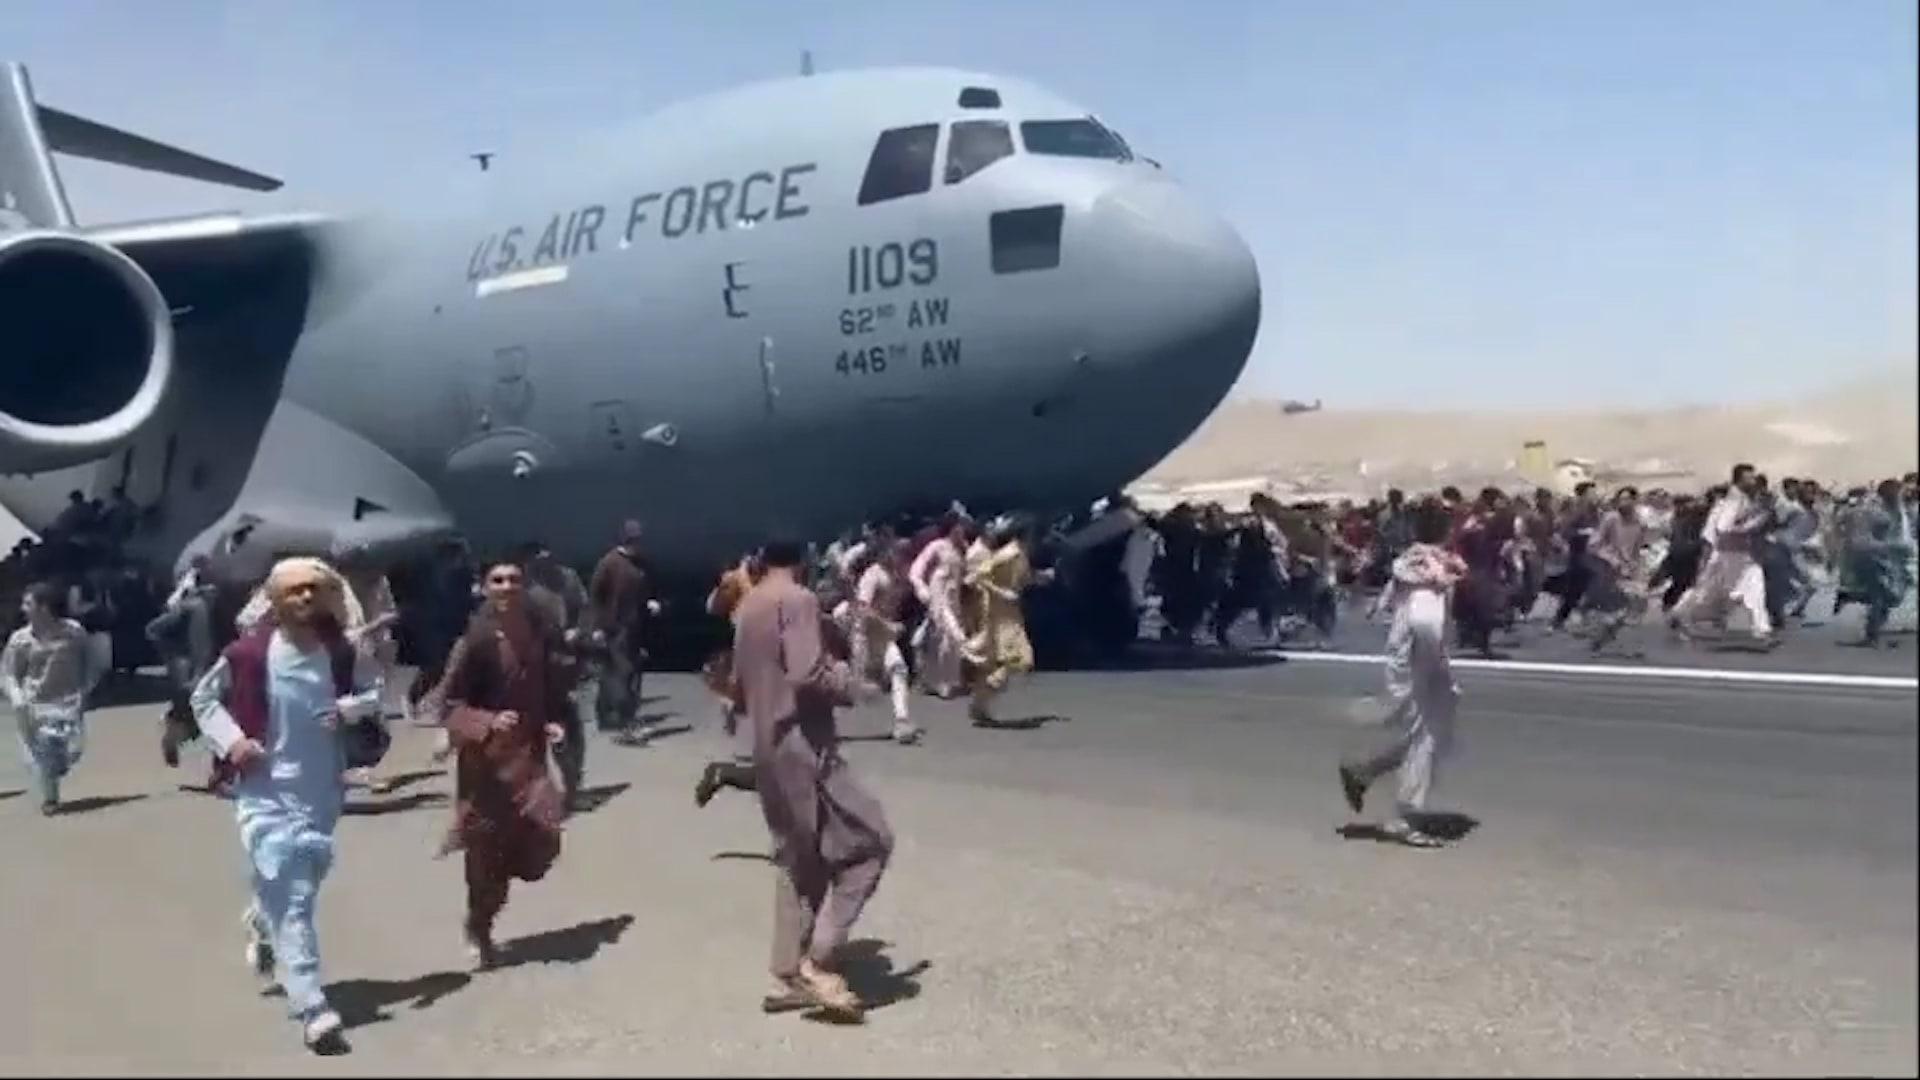 الجيش الأمريكي يحقق في العثور على أشلاء بقاعدة عجلات طائرة C-17 بعد رحلتها من كابول